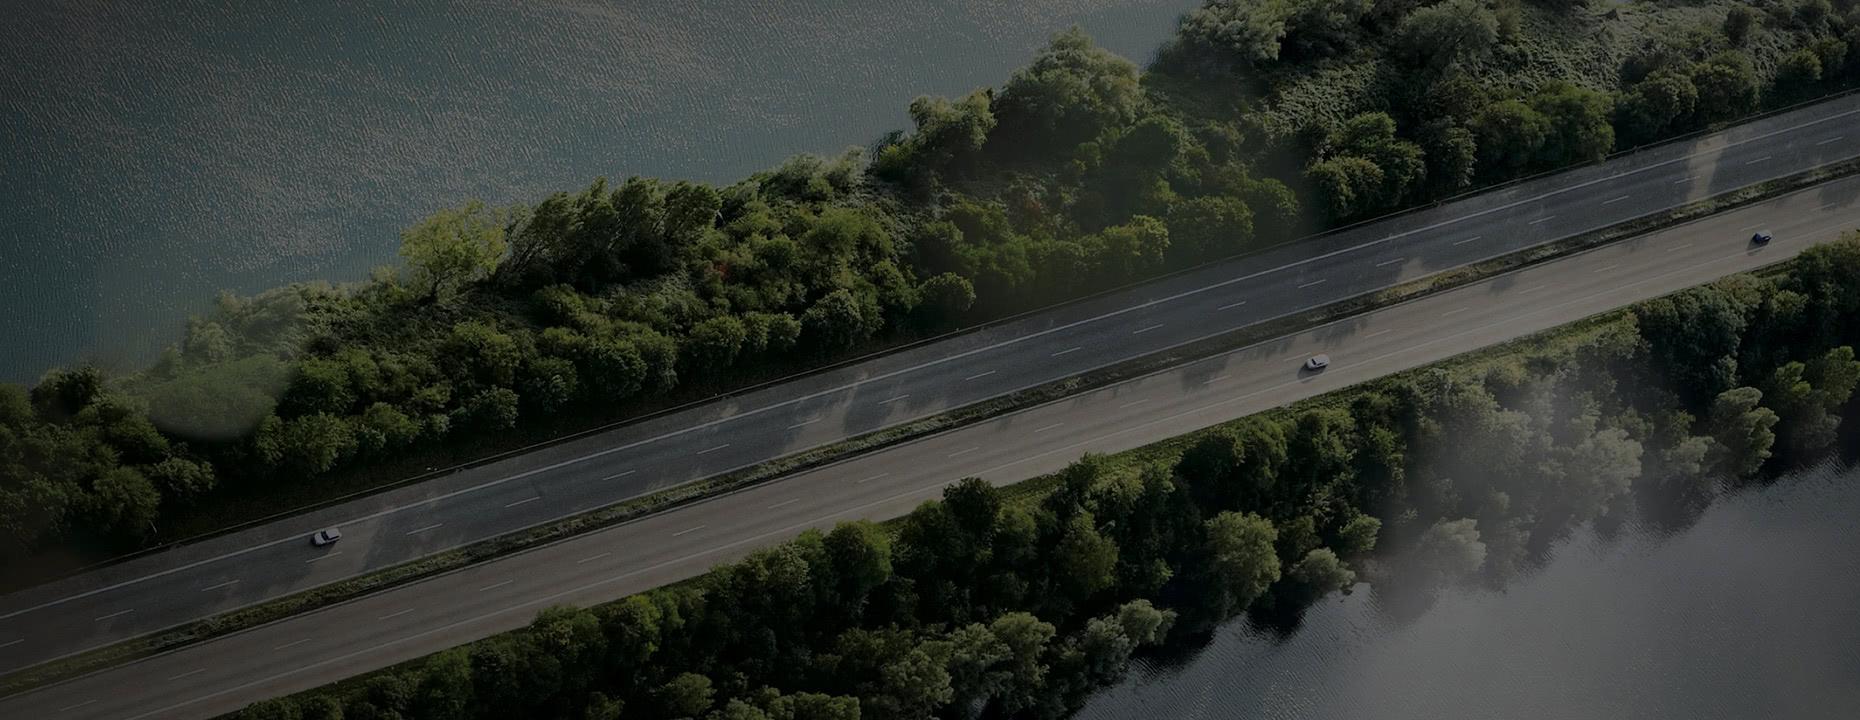 Нова Hyundai Elantra - за святковими цінами! | Автопалац Тернопіль - фото 8